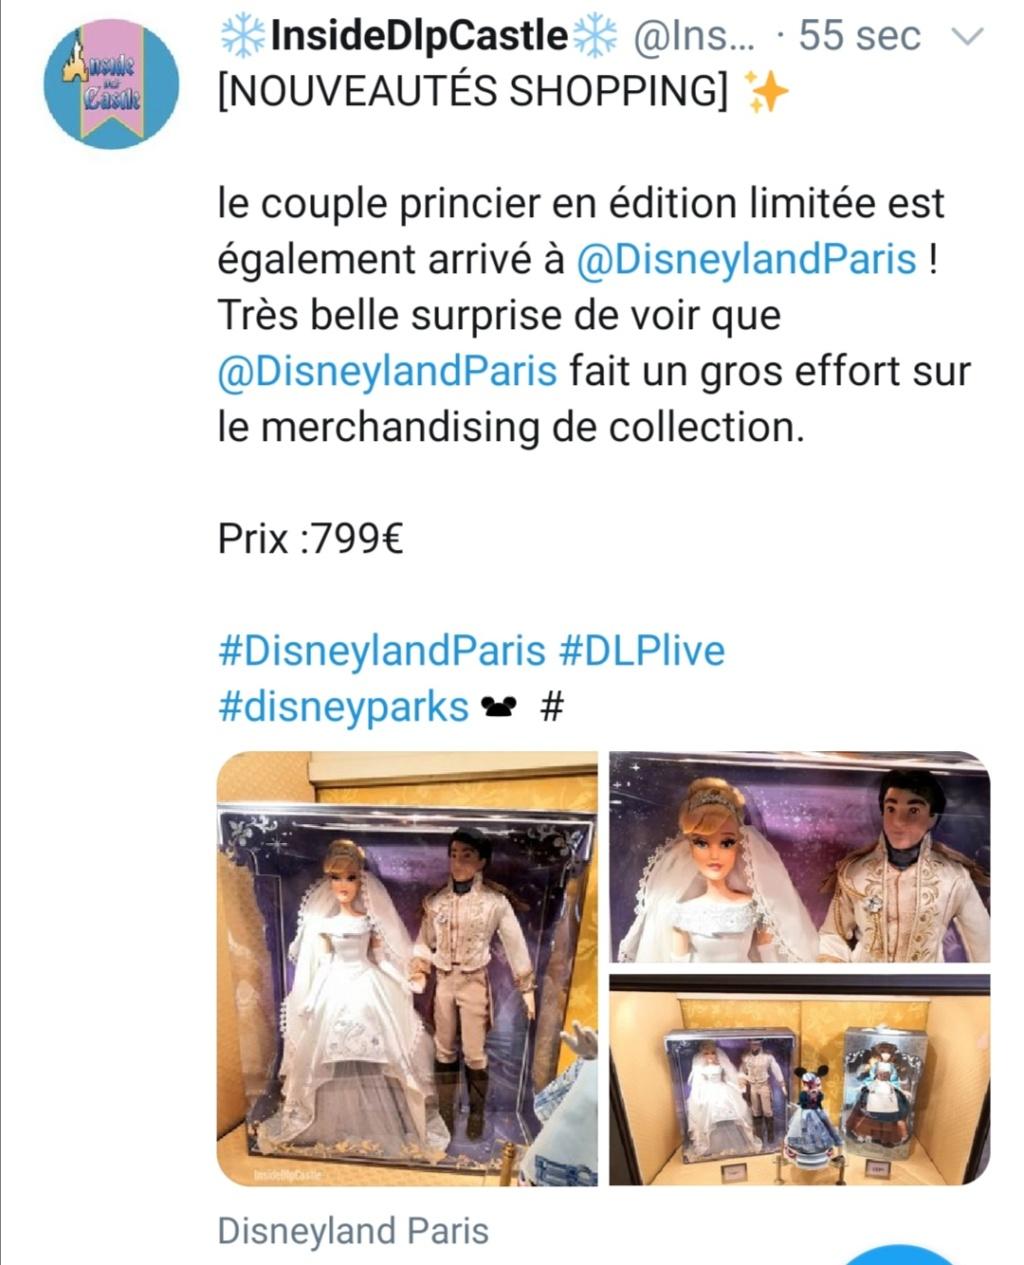 Disney Store Poupées Limited Edition 17'' (depuis 2009) - Page 2 Screen12